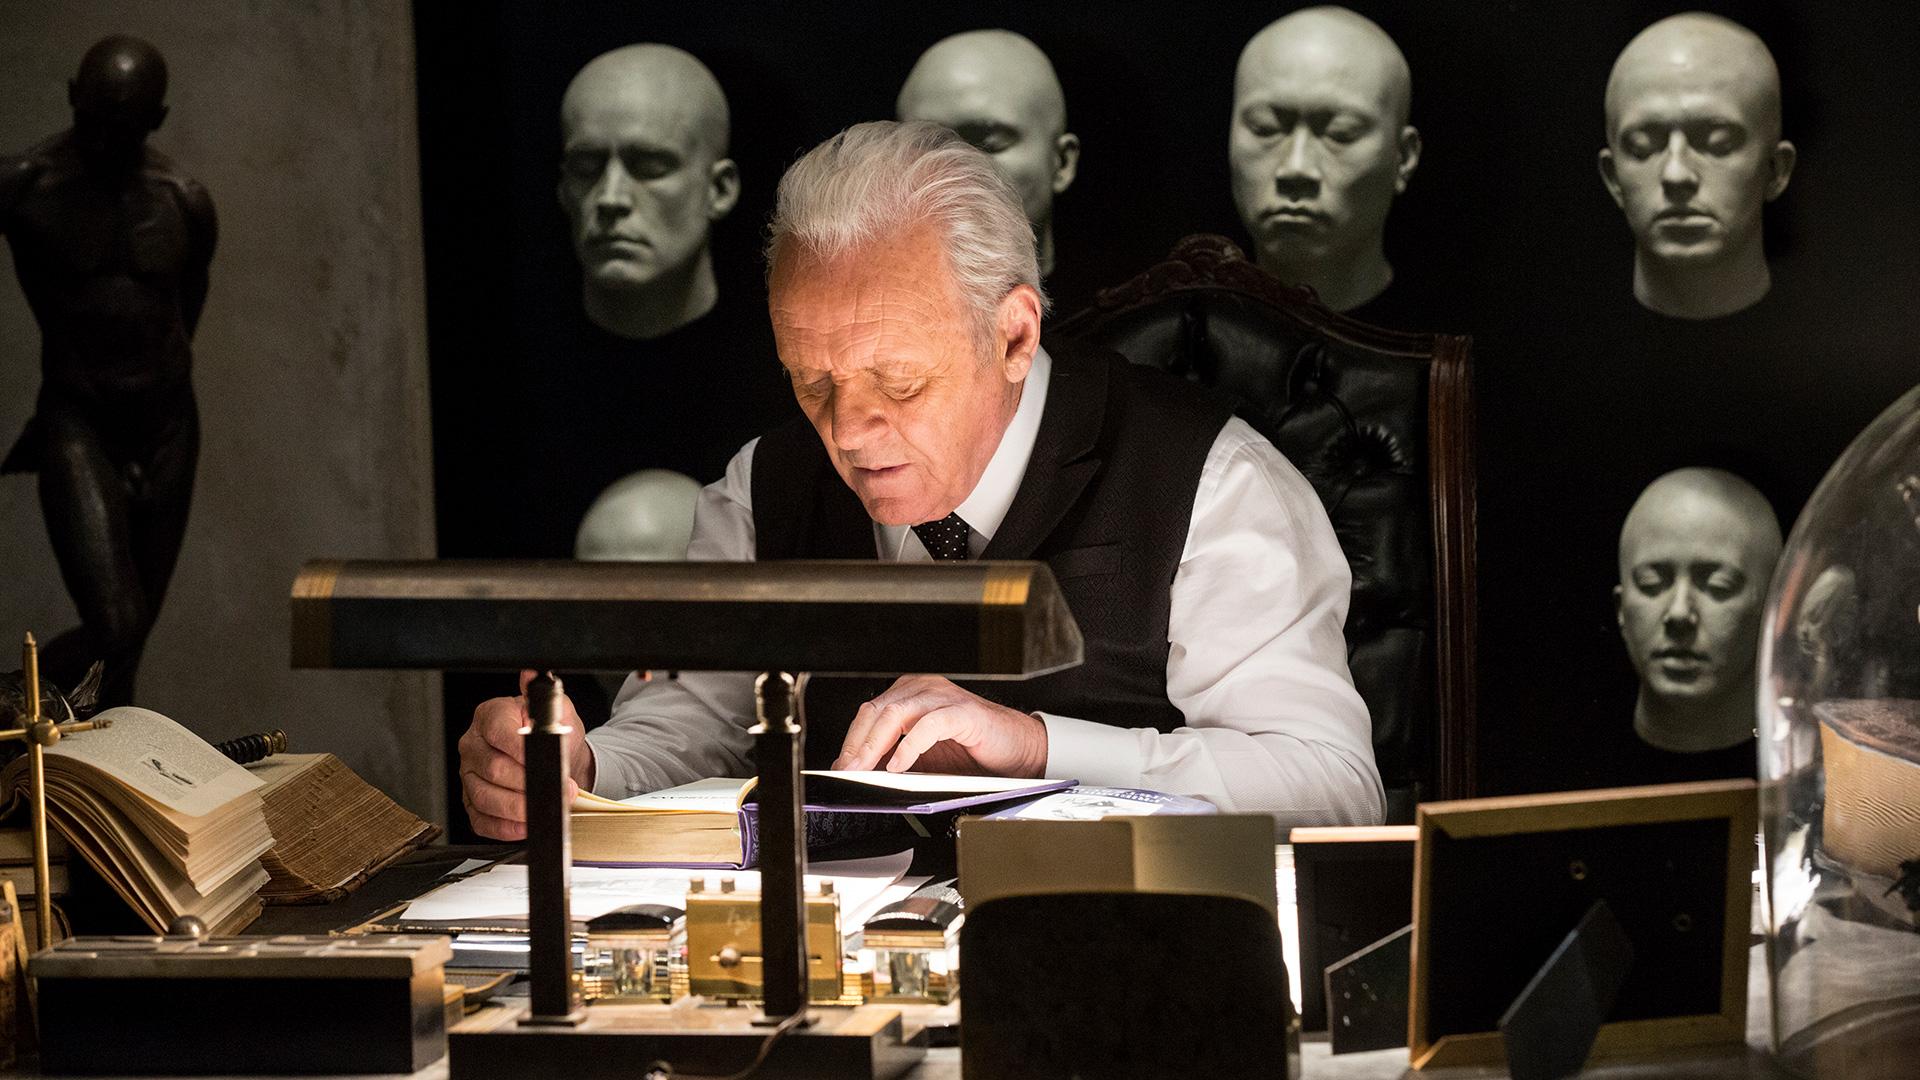 HBO Dizisi Westworld'ün Yaratıcıları İkinci Sezonda Orta Çağ ve Roma Dünyalarını İrdeleyecek